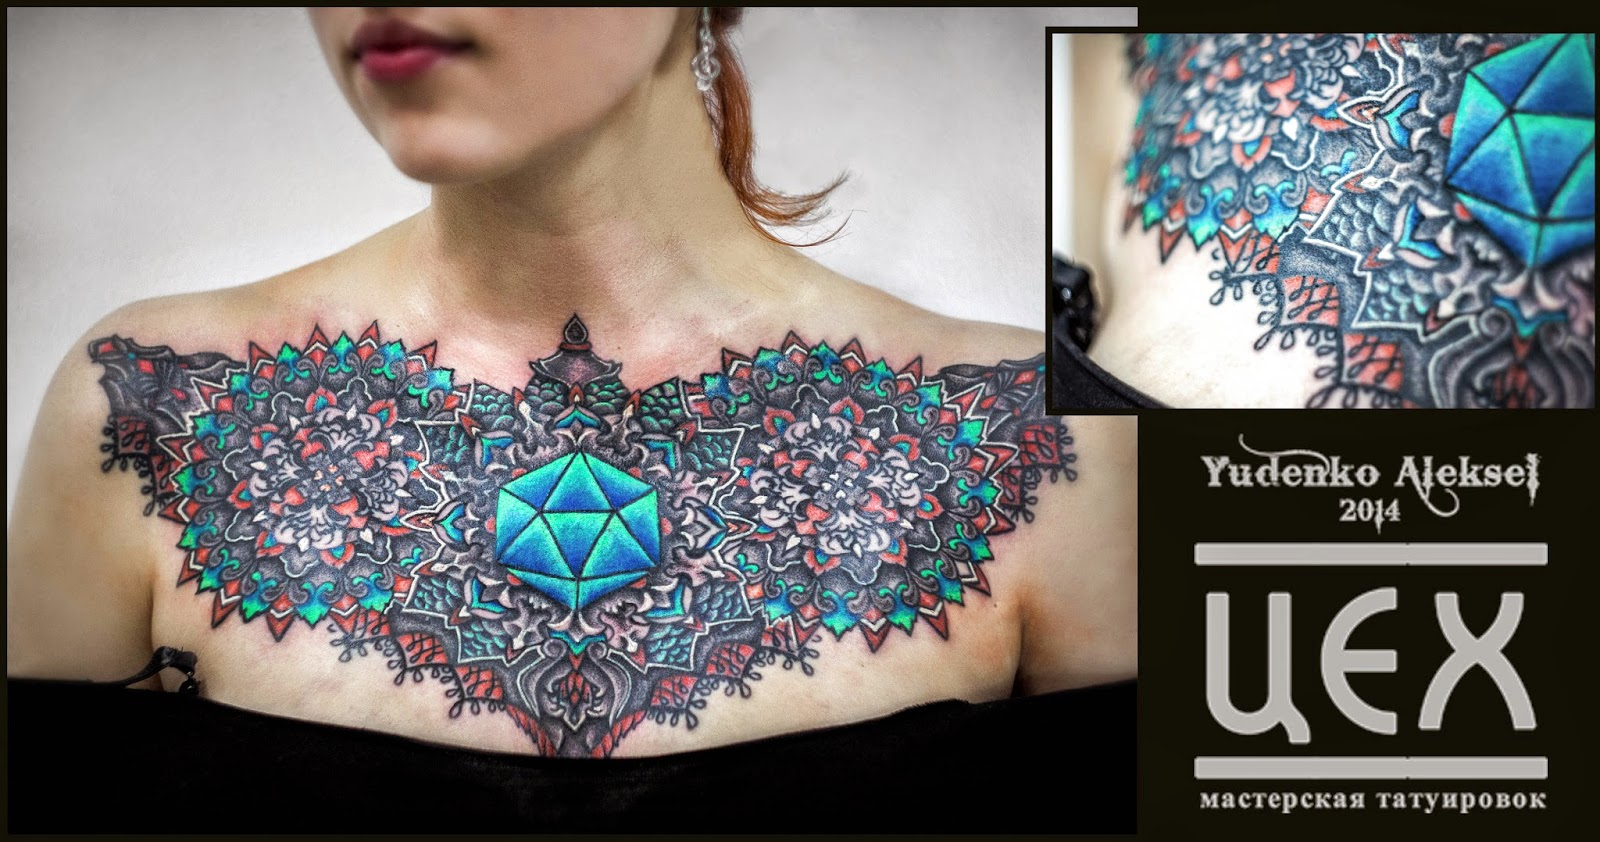 цветные татуировки эскизы - Эскизы цветных татуировок для мужчин